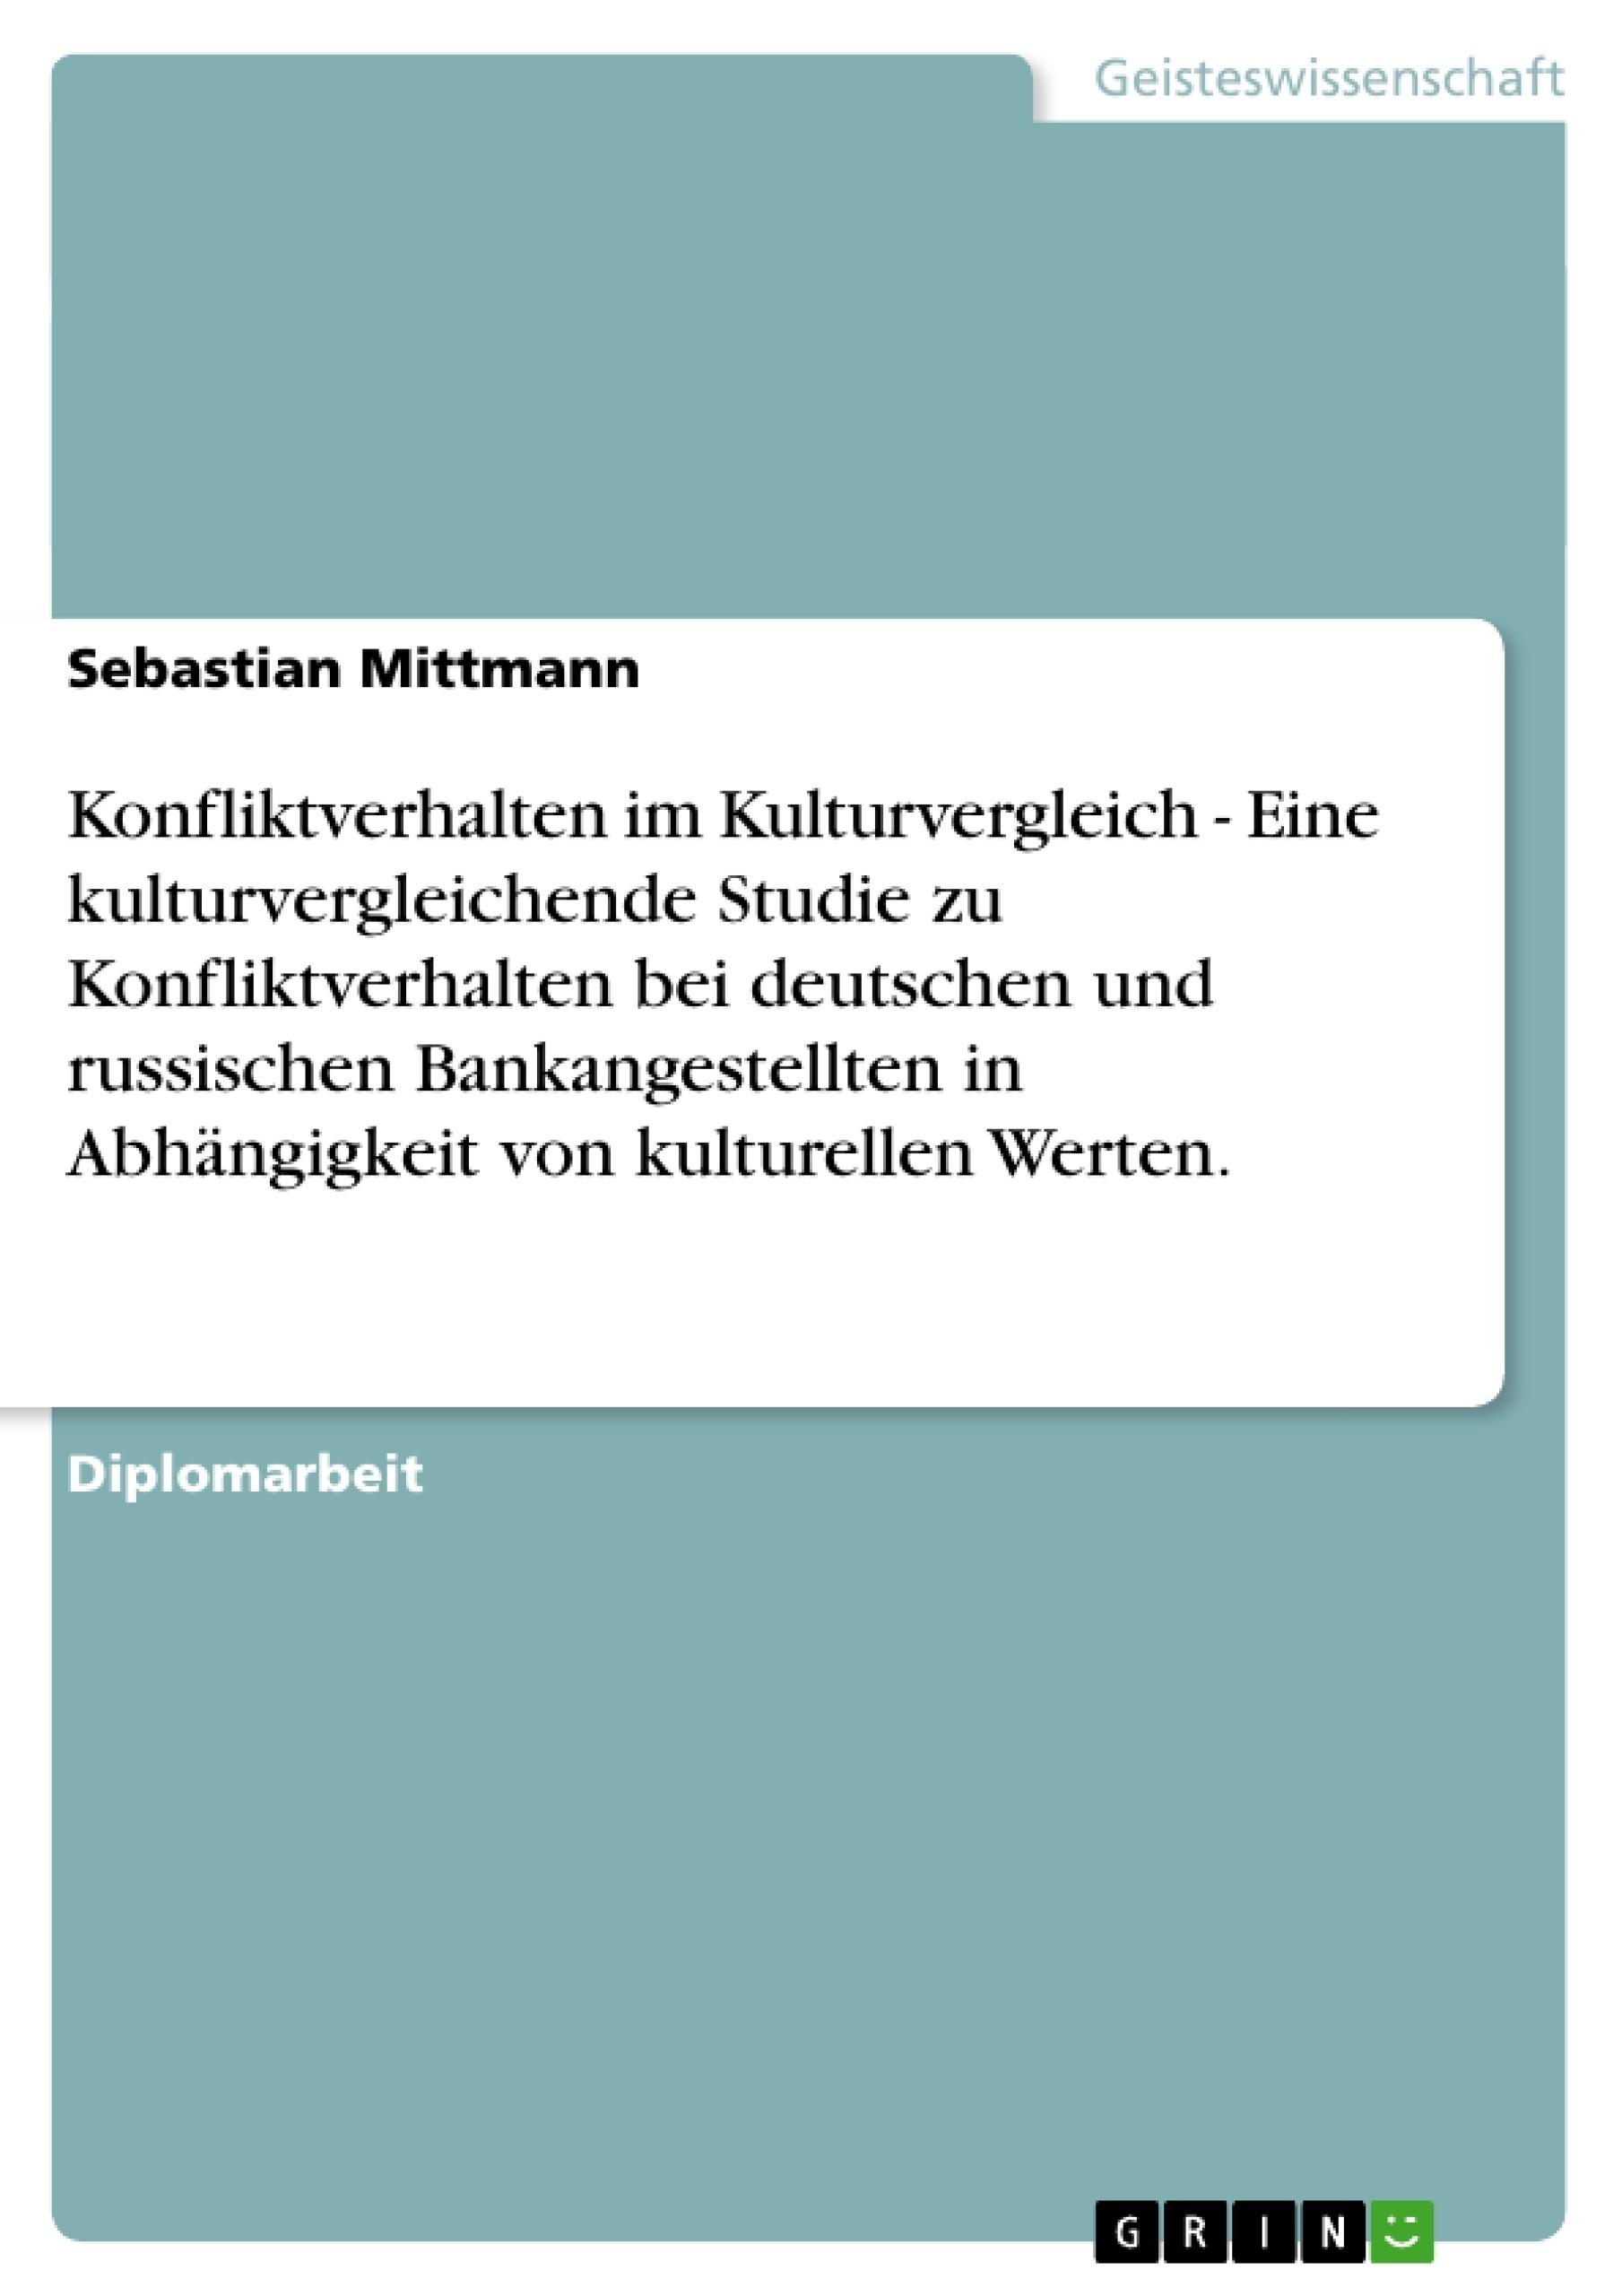 Titel: Konfliktverhalten im Kulturvergleich - Eine kulturvergleichende Studie zu Konfliktverhalten bei deutschen und russischen Bankangestellten in Abhängigkeit von kulturellen Werten.